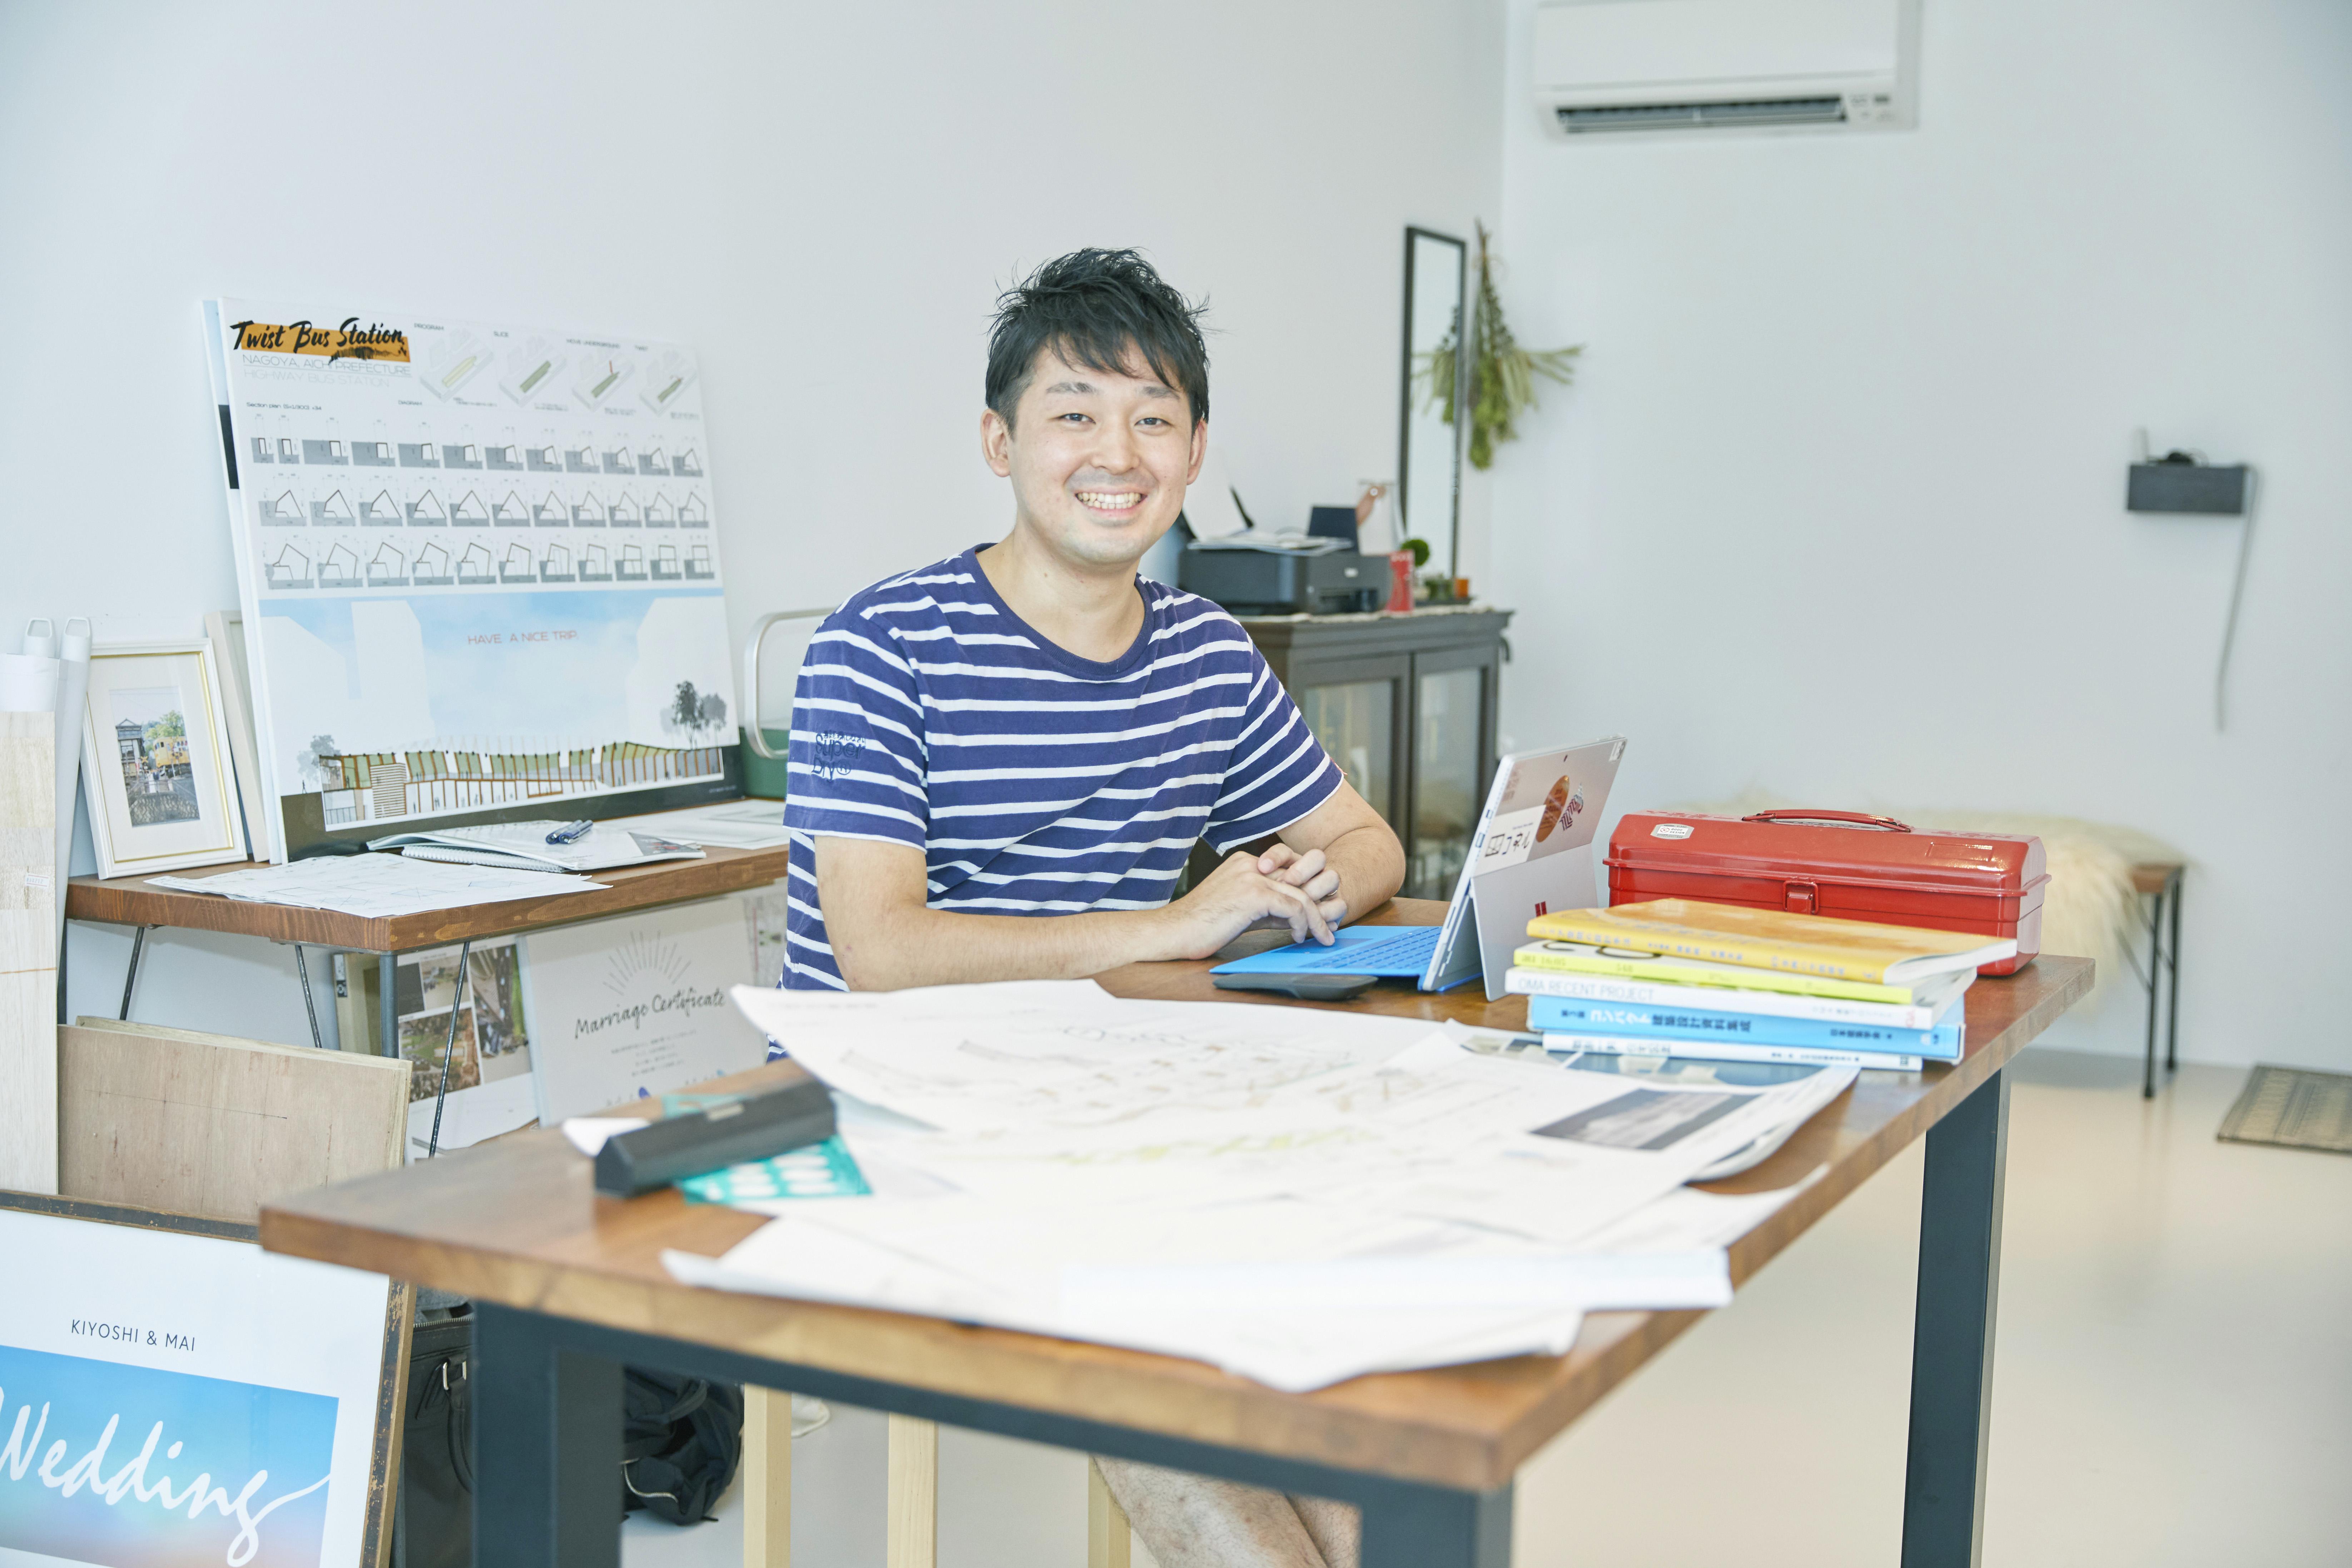 【建築デザインコース】卒業生紹介 自立する建築